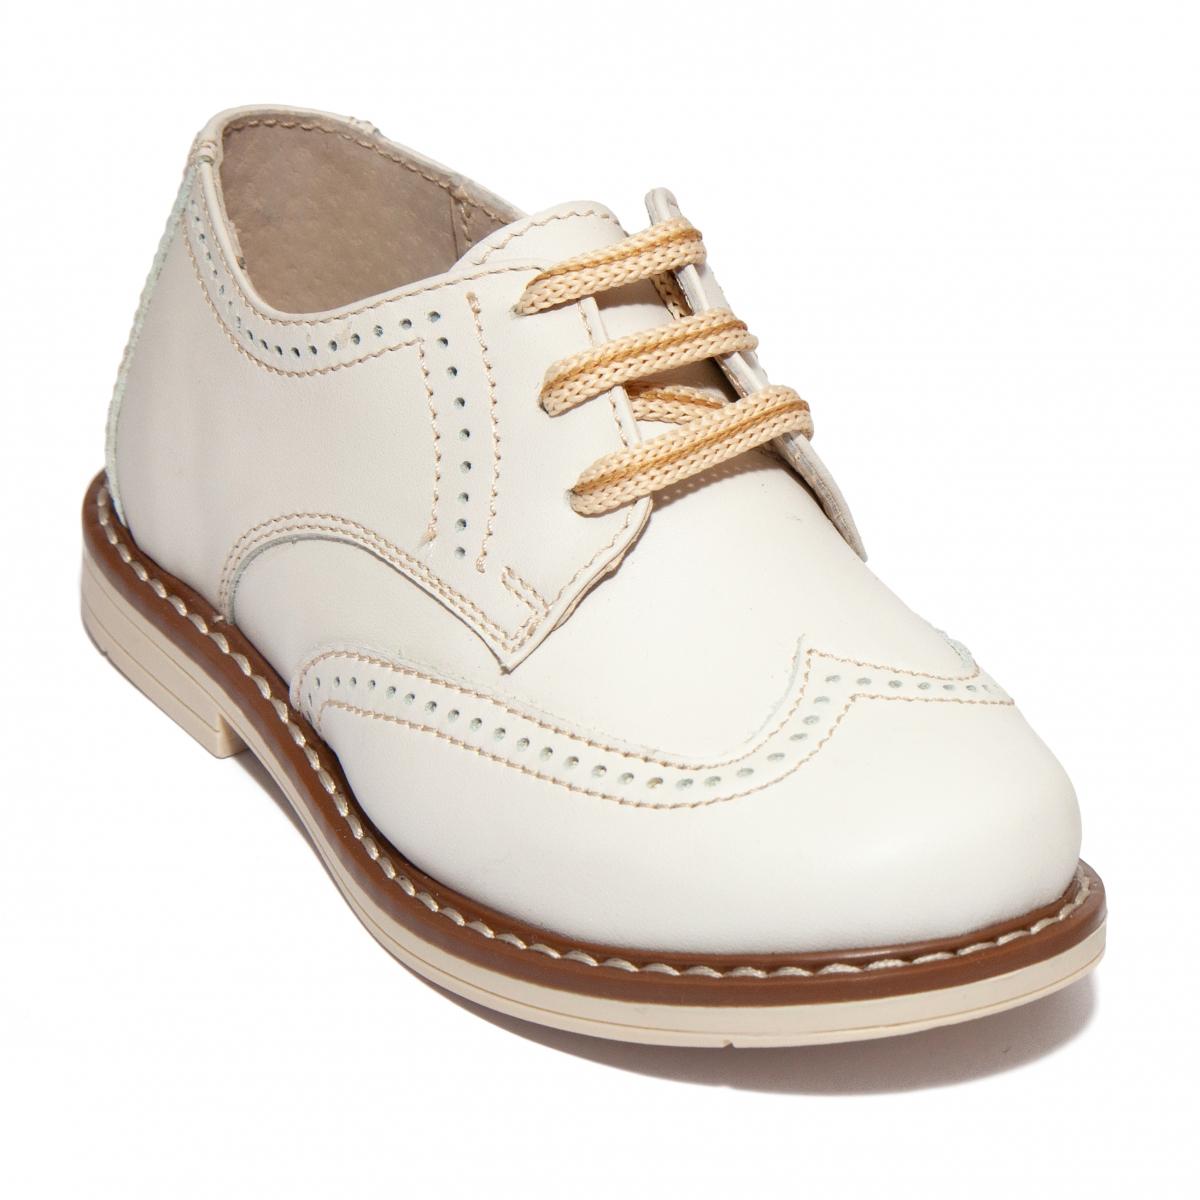 Pantofi copii hokide 404 bej 26-37